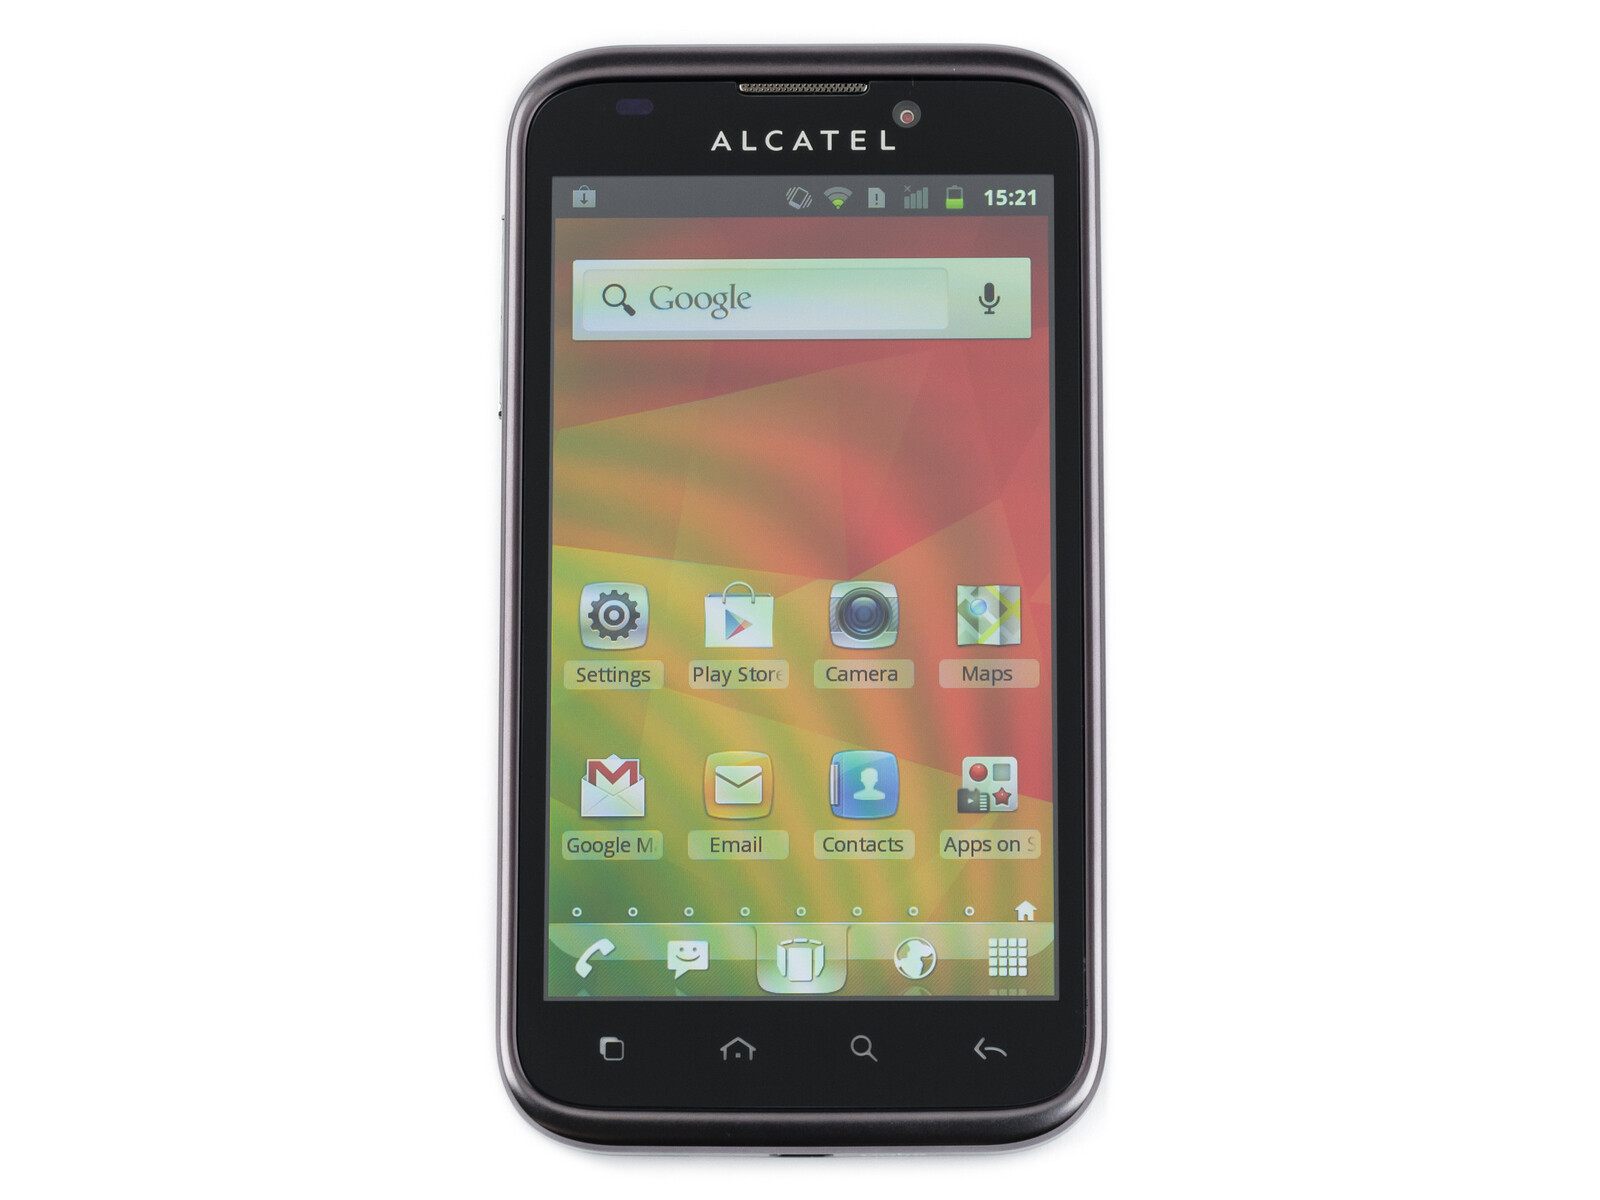 Alcatel Ot 995 Specs